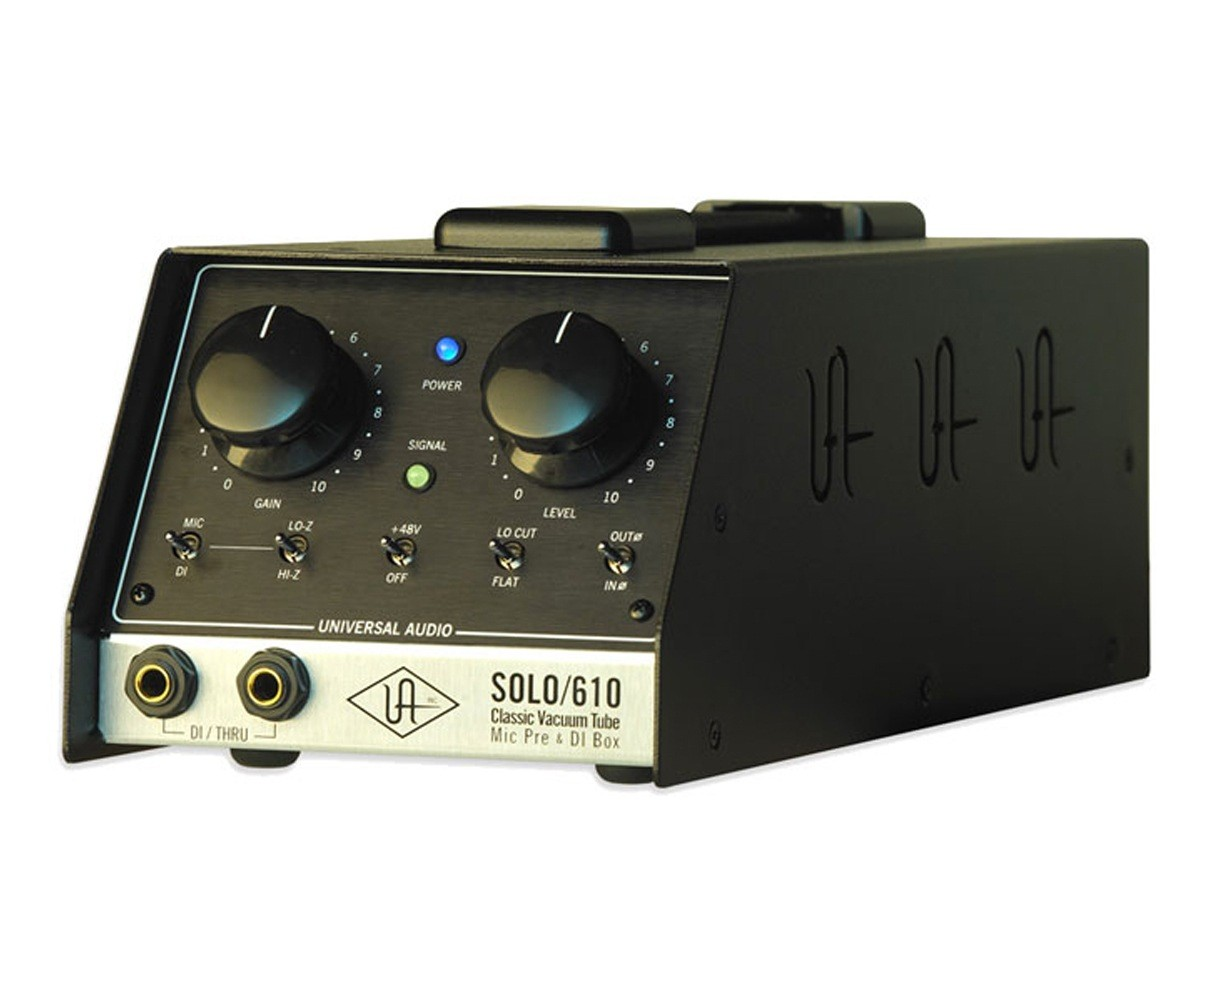 UAD-SOLO610